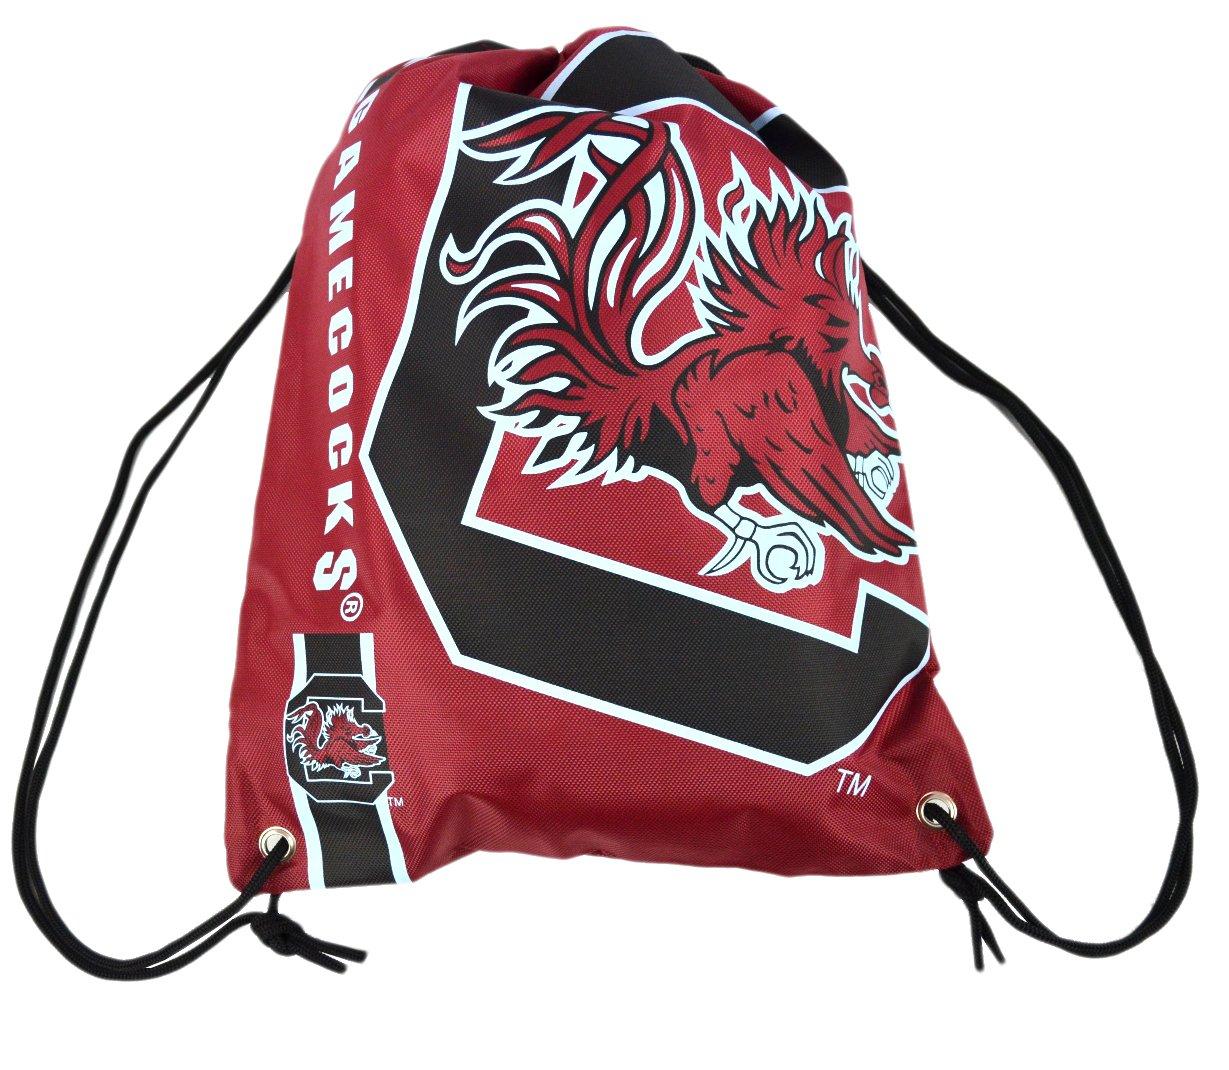 公式NCAAファンショップAuthentic Drawstring NCAA Back袋。Show学校Pride Everywhere – ジム、ホーム、学校やon Game Day B017AGH1MG  サウスカロライナ大学ゲームコックス